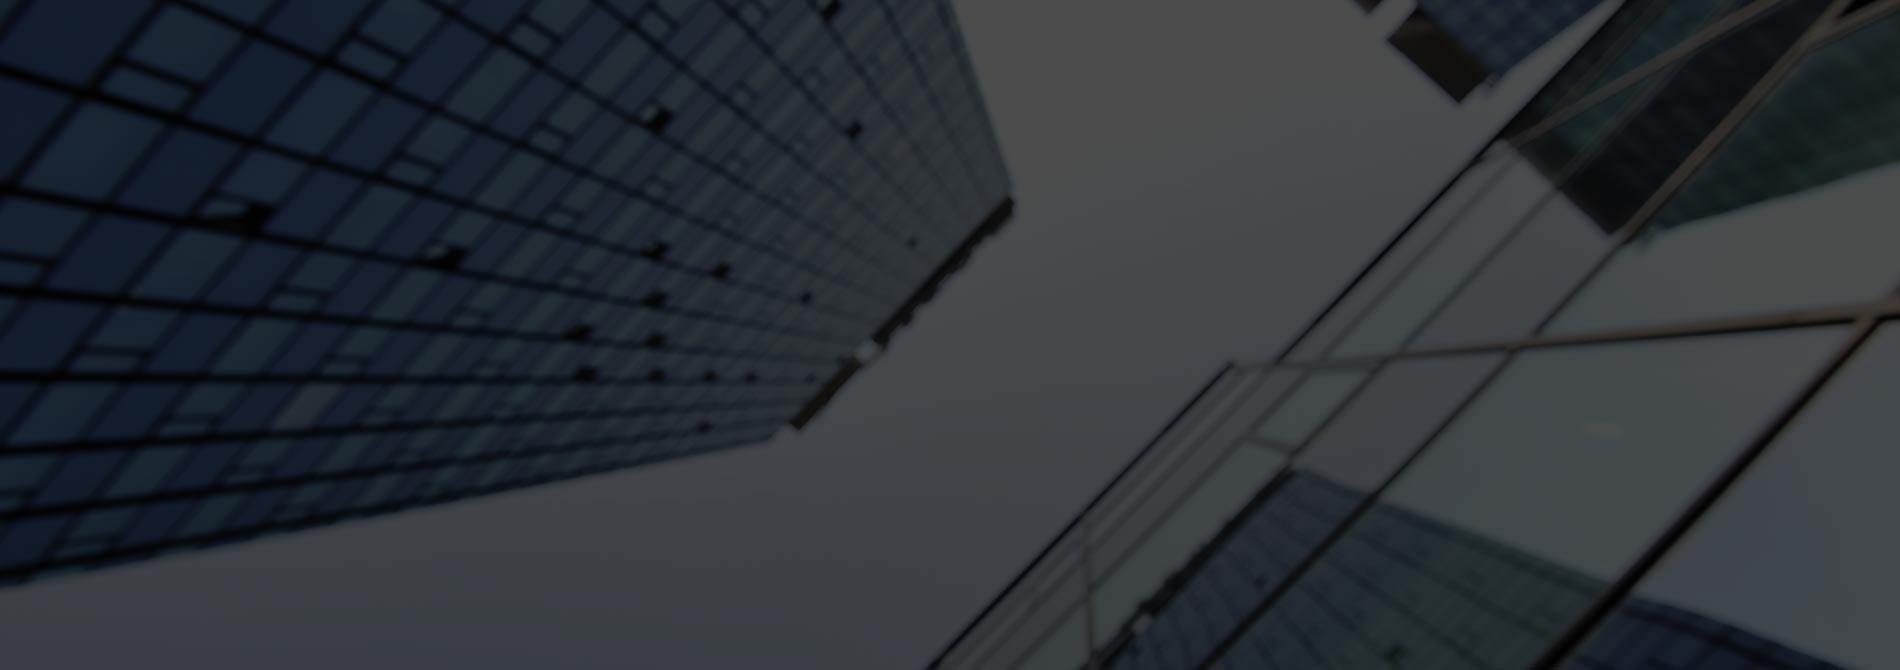 D&R Negócios - Avaliação, Compra e Venda de empresas